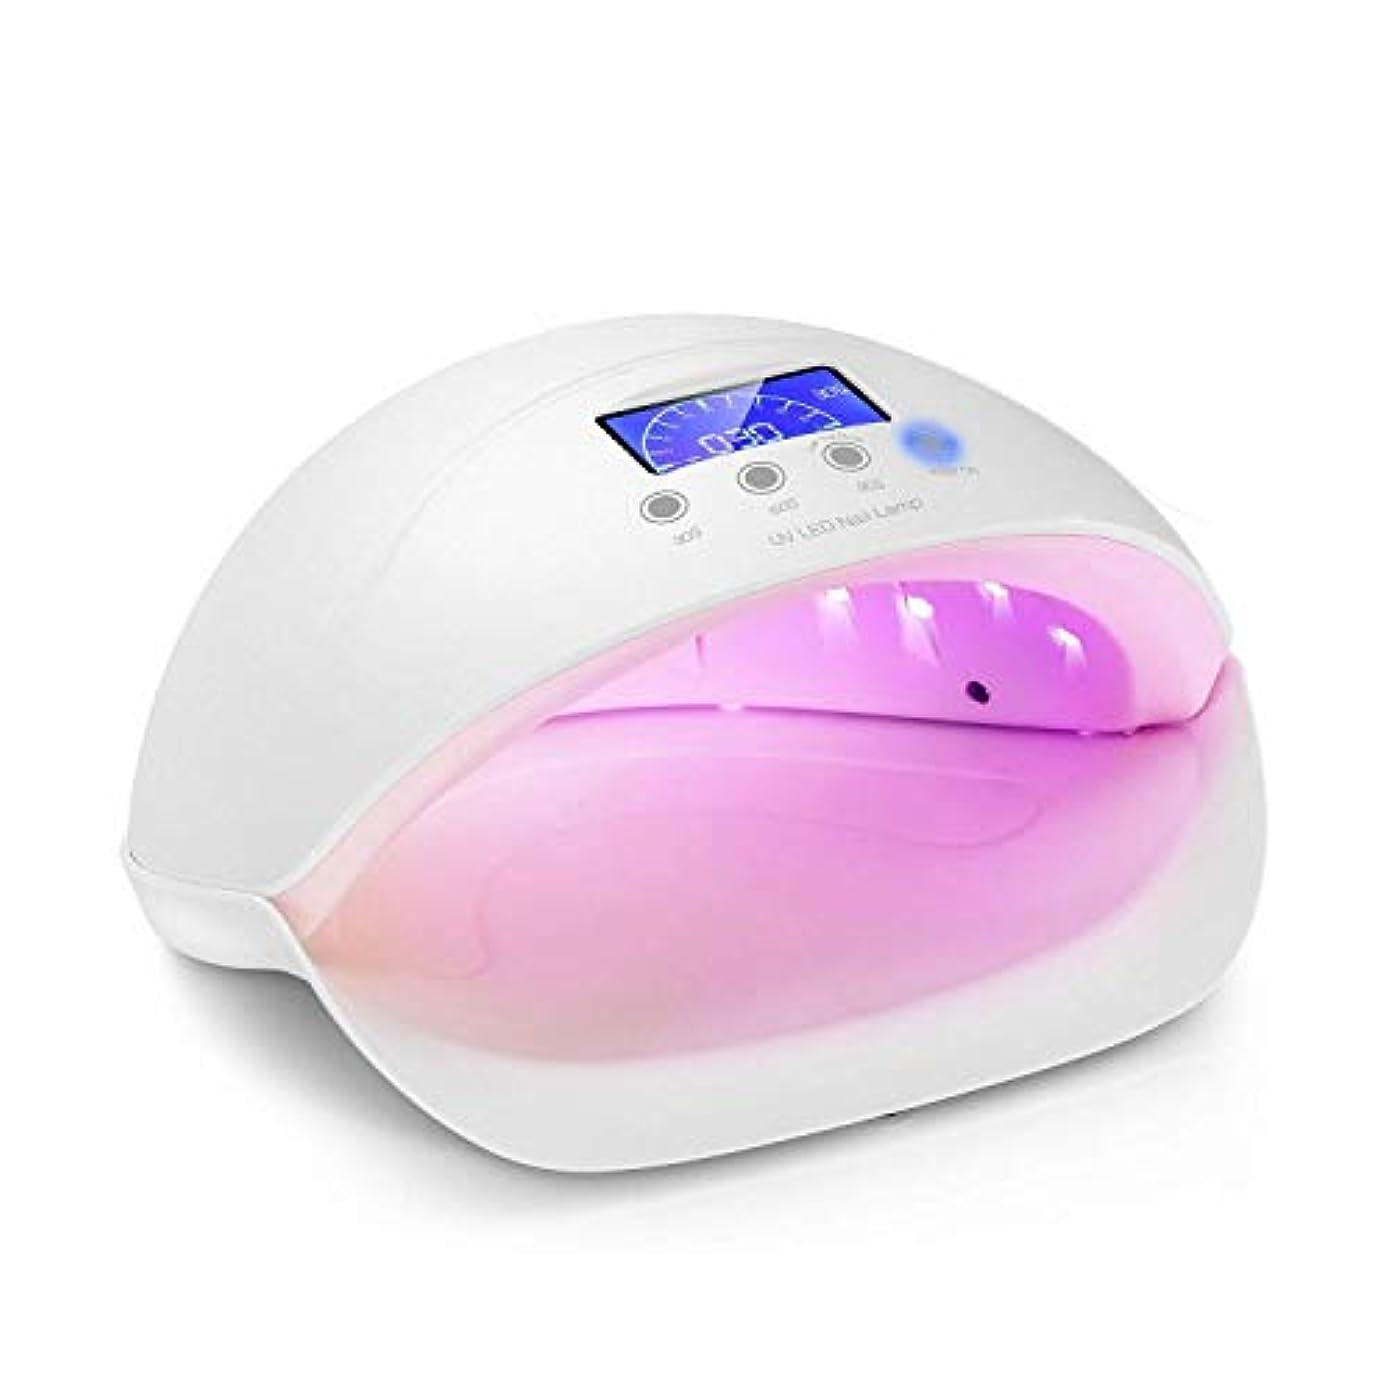 ネイルライト50W UV / LEDネイルドライヤー肌に優しい3タイマー自動センサークイックドライジェルネイルポリッシュランプ